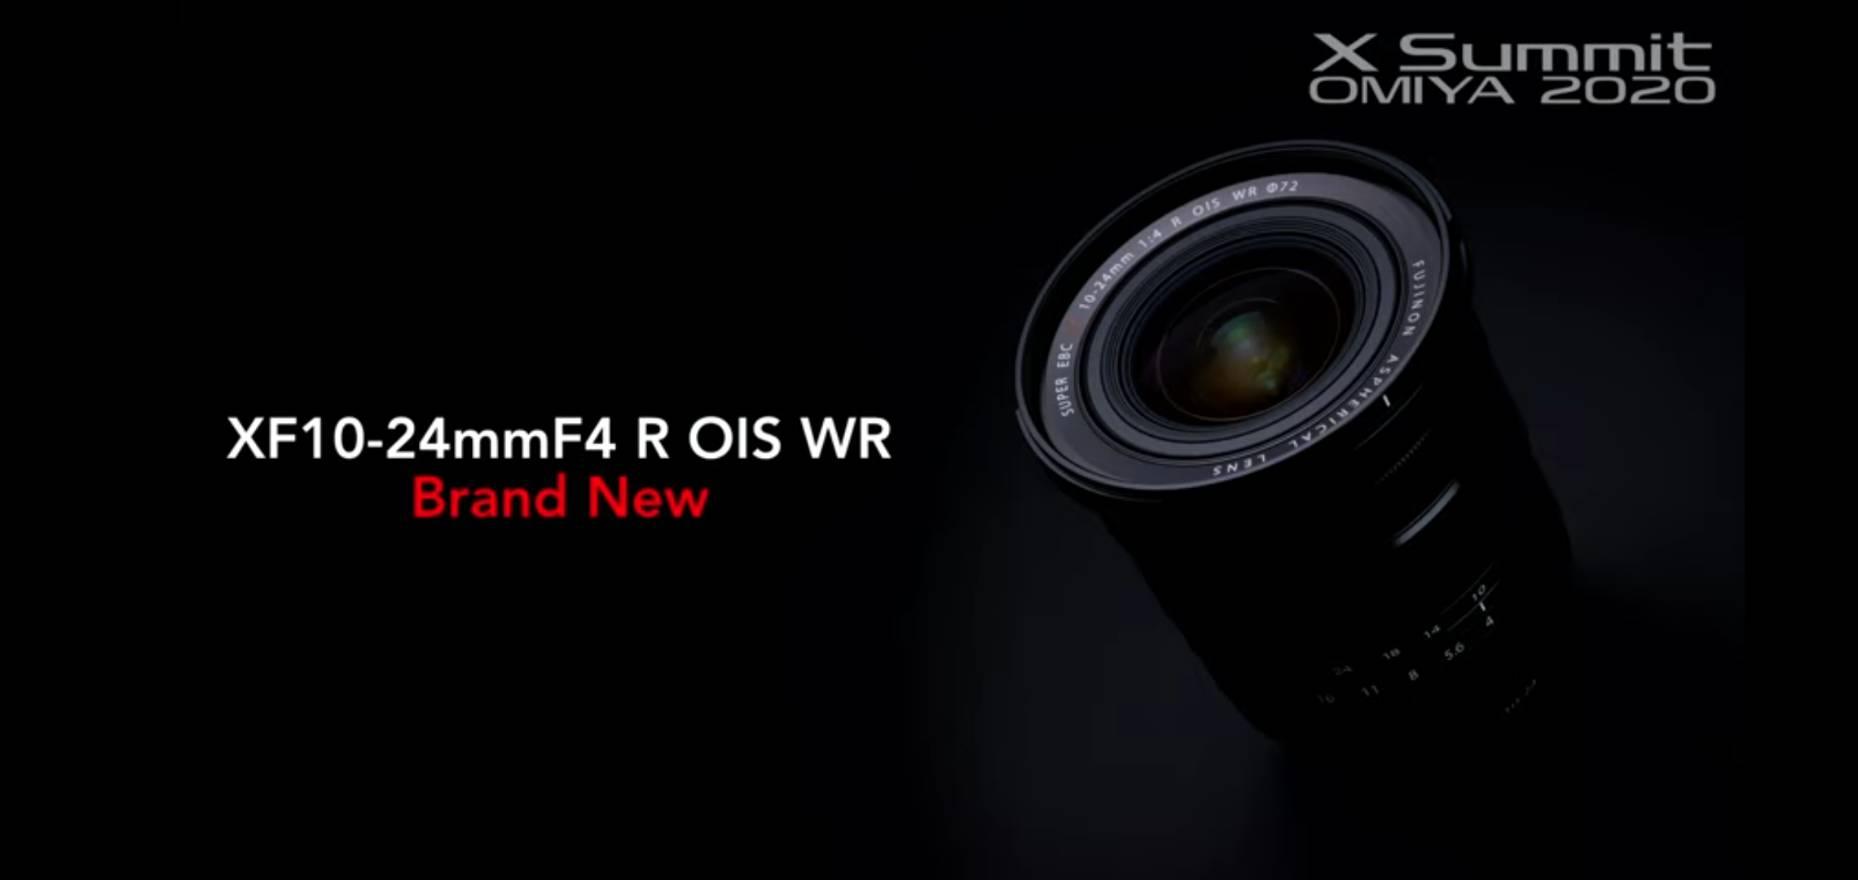 XF10-24mmF4 R OIS WRの5つの進化点